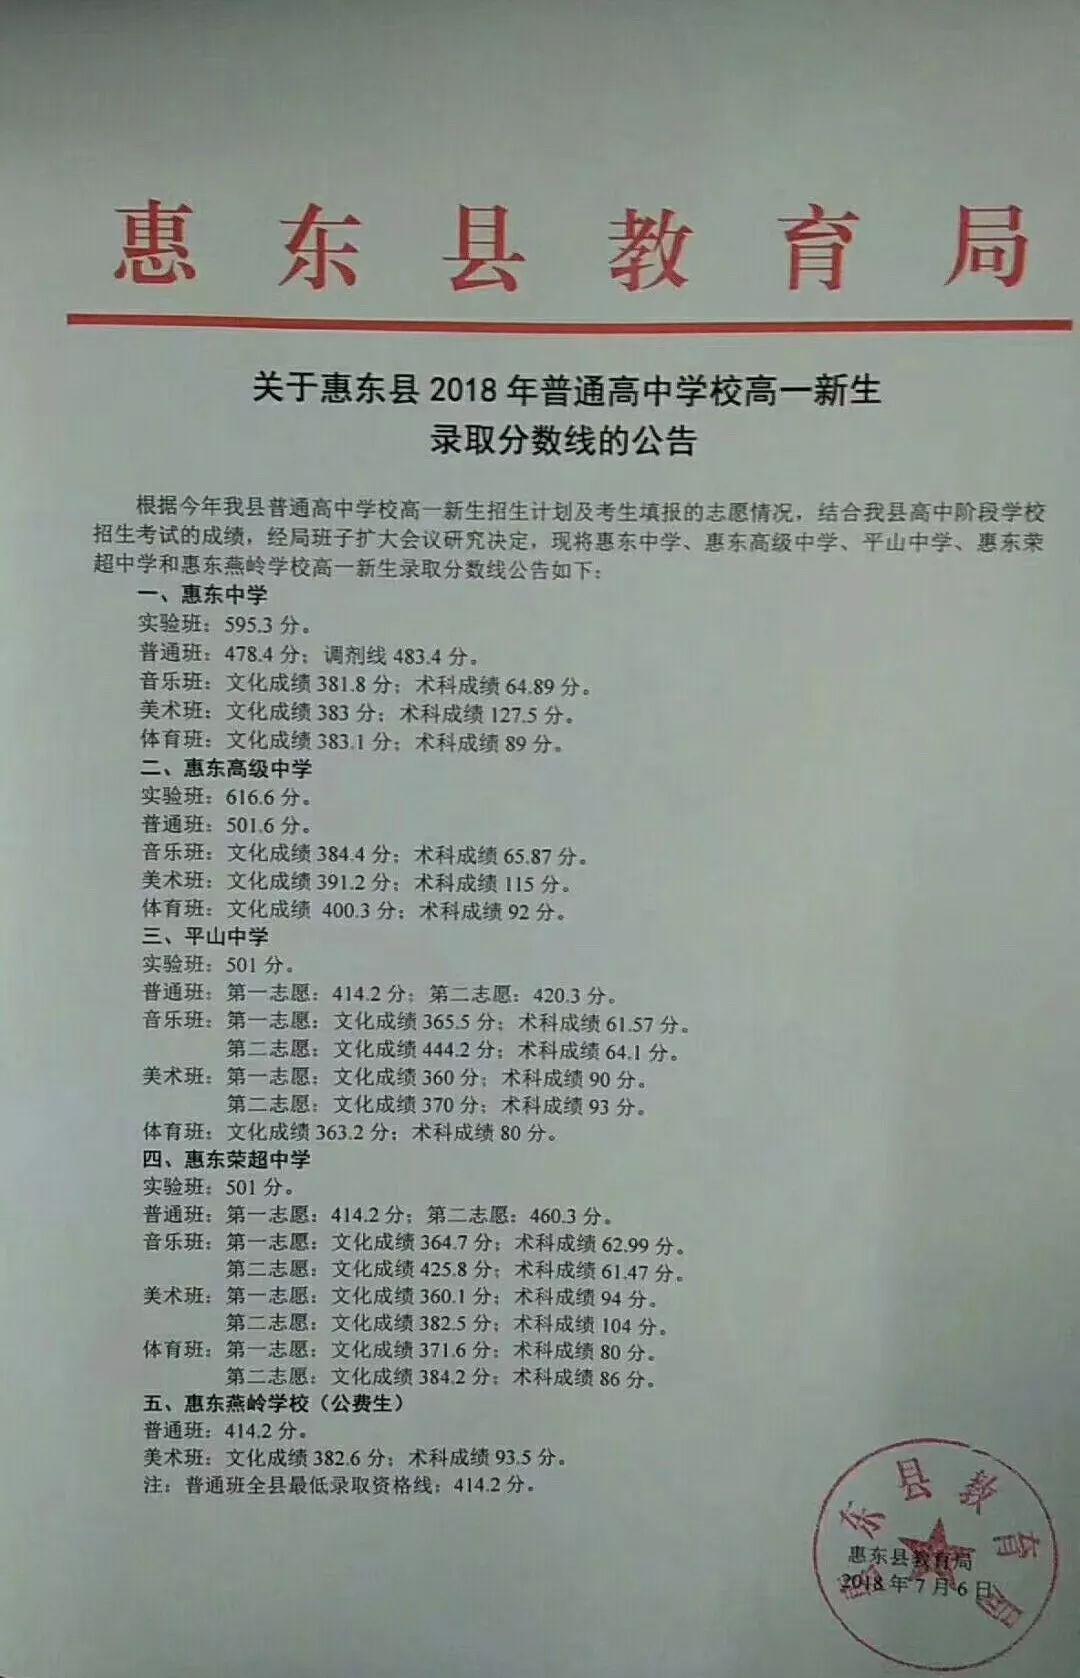 2018惠州中考录取分数线汇总 惠城 惠东 博罗 龙门